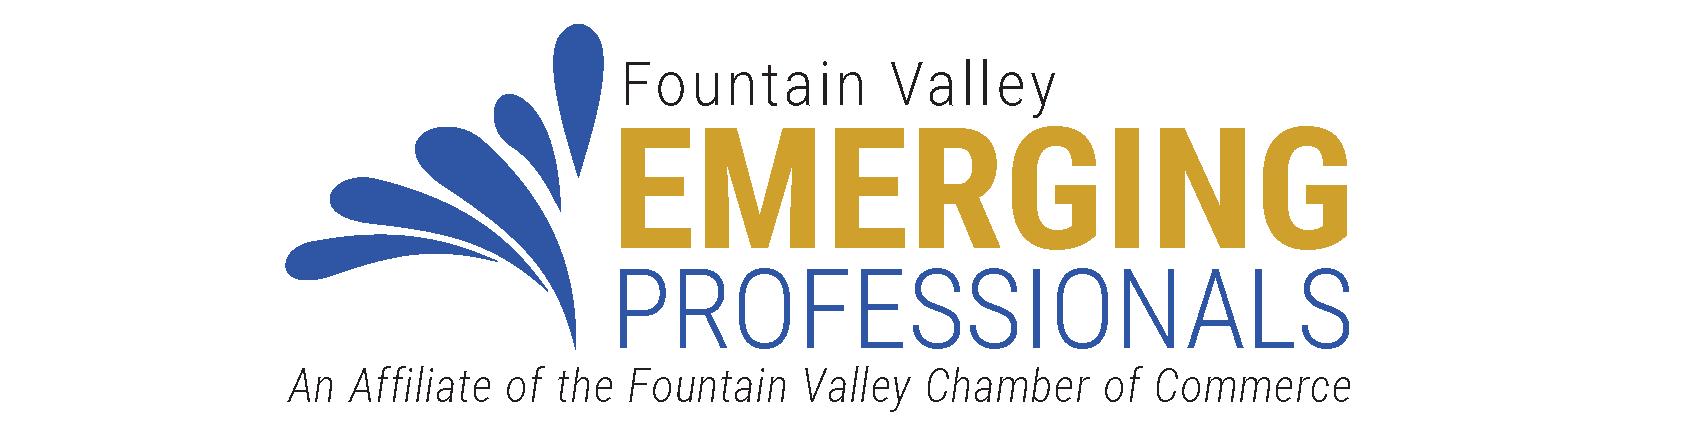 FVCC_EmergingProfessionals_MockUps-(2).png